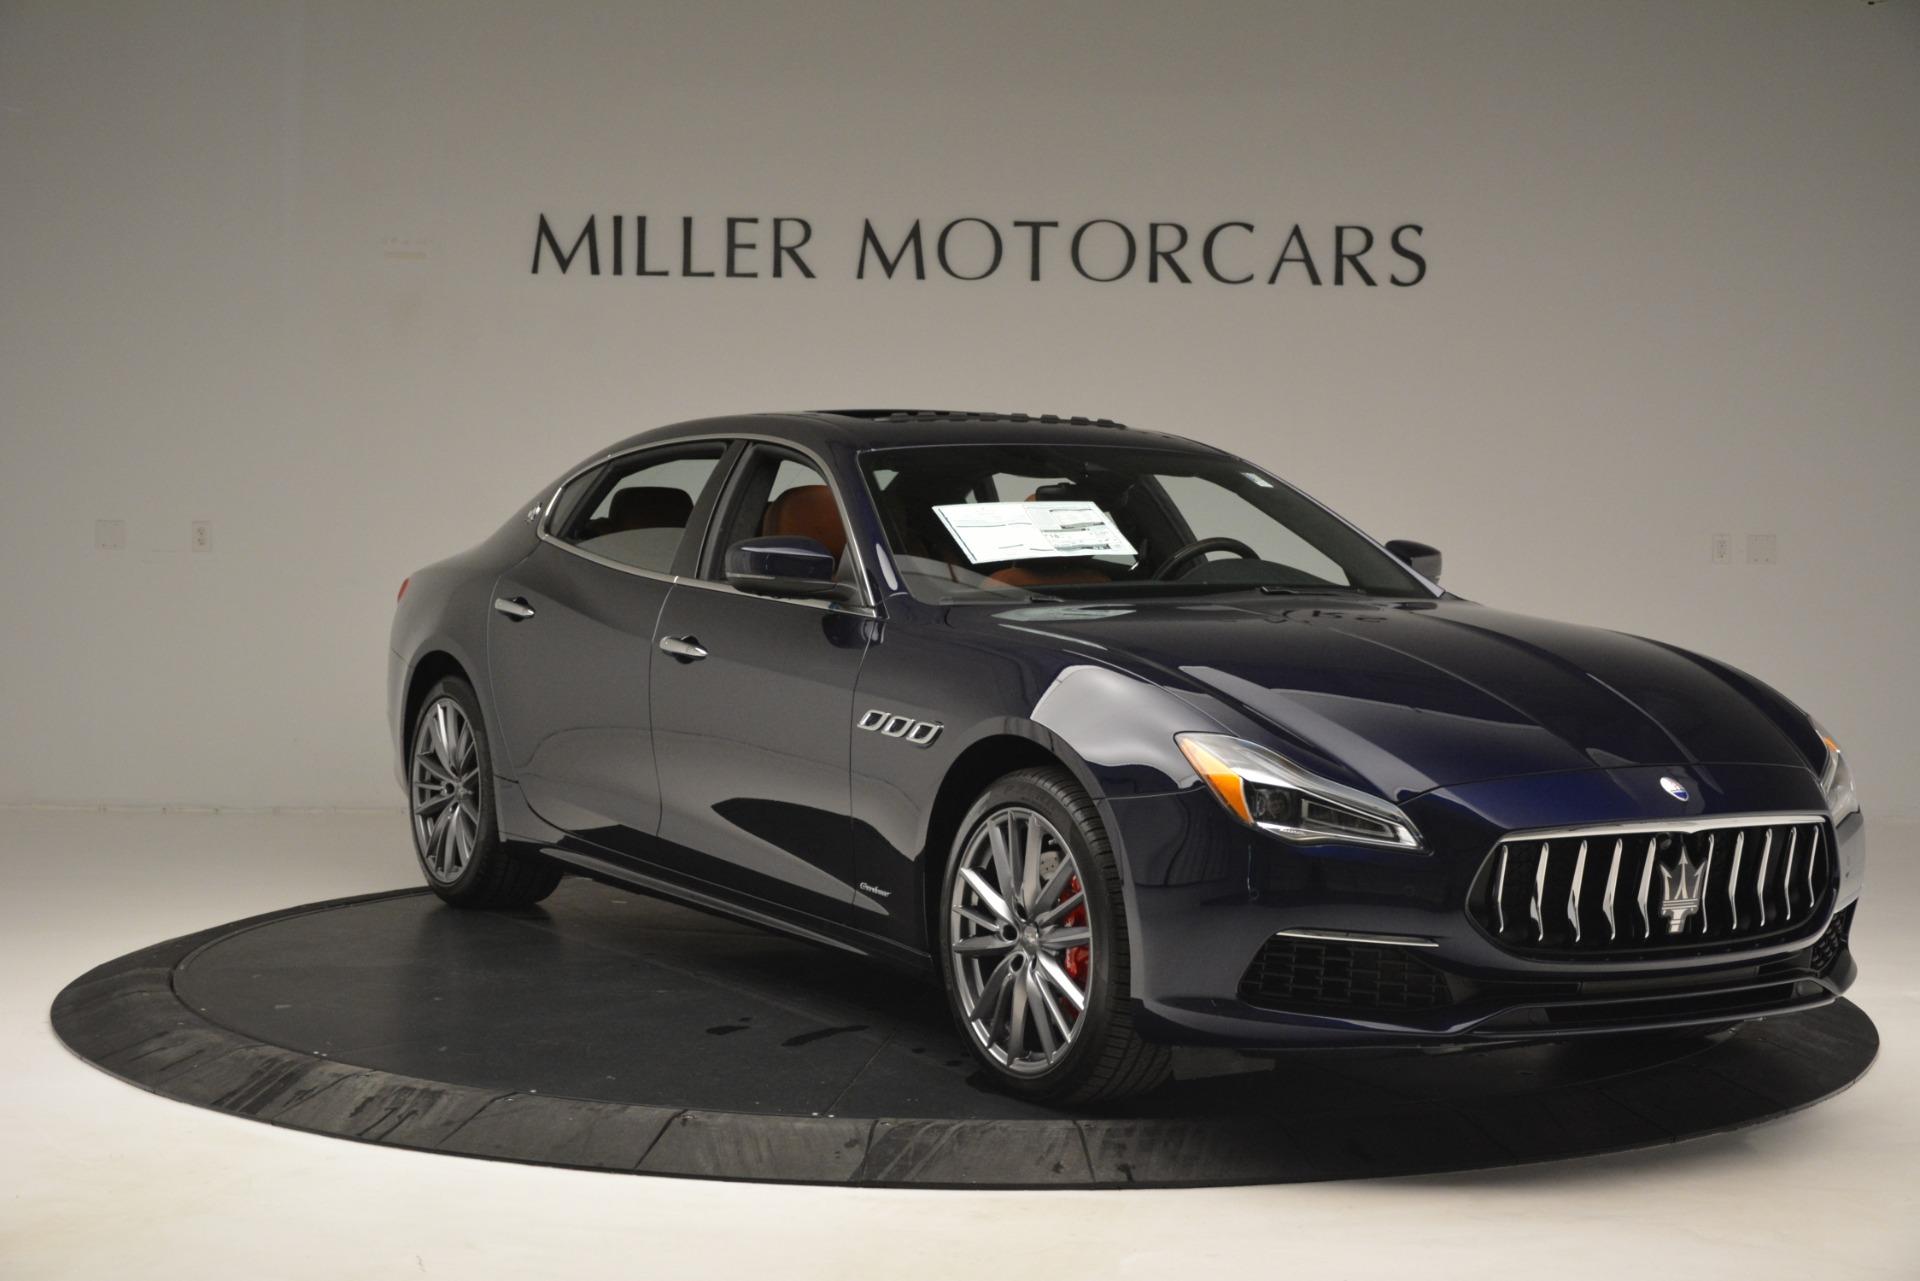 New 2019 Maserati Quattroporte S Q4 GranLusso For Sale In Greenwich, CT. Alfa Romeo of Greenwich, M2231 2803_p12